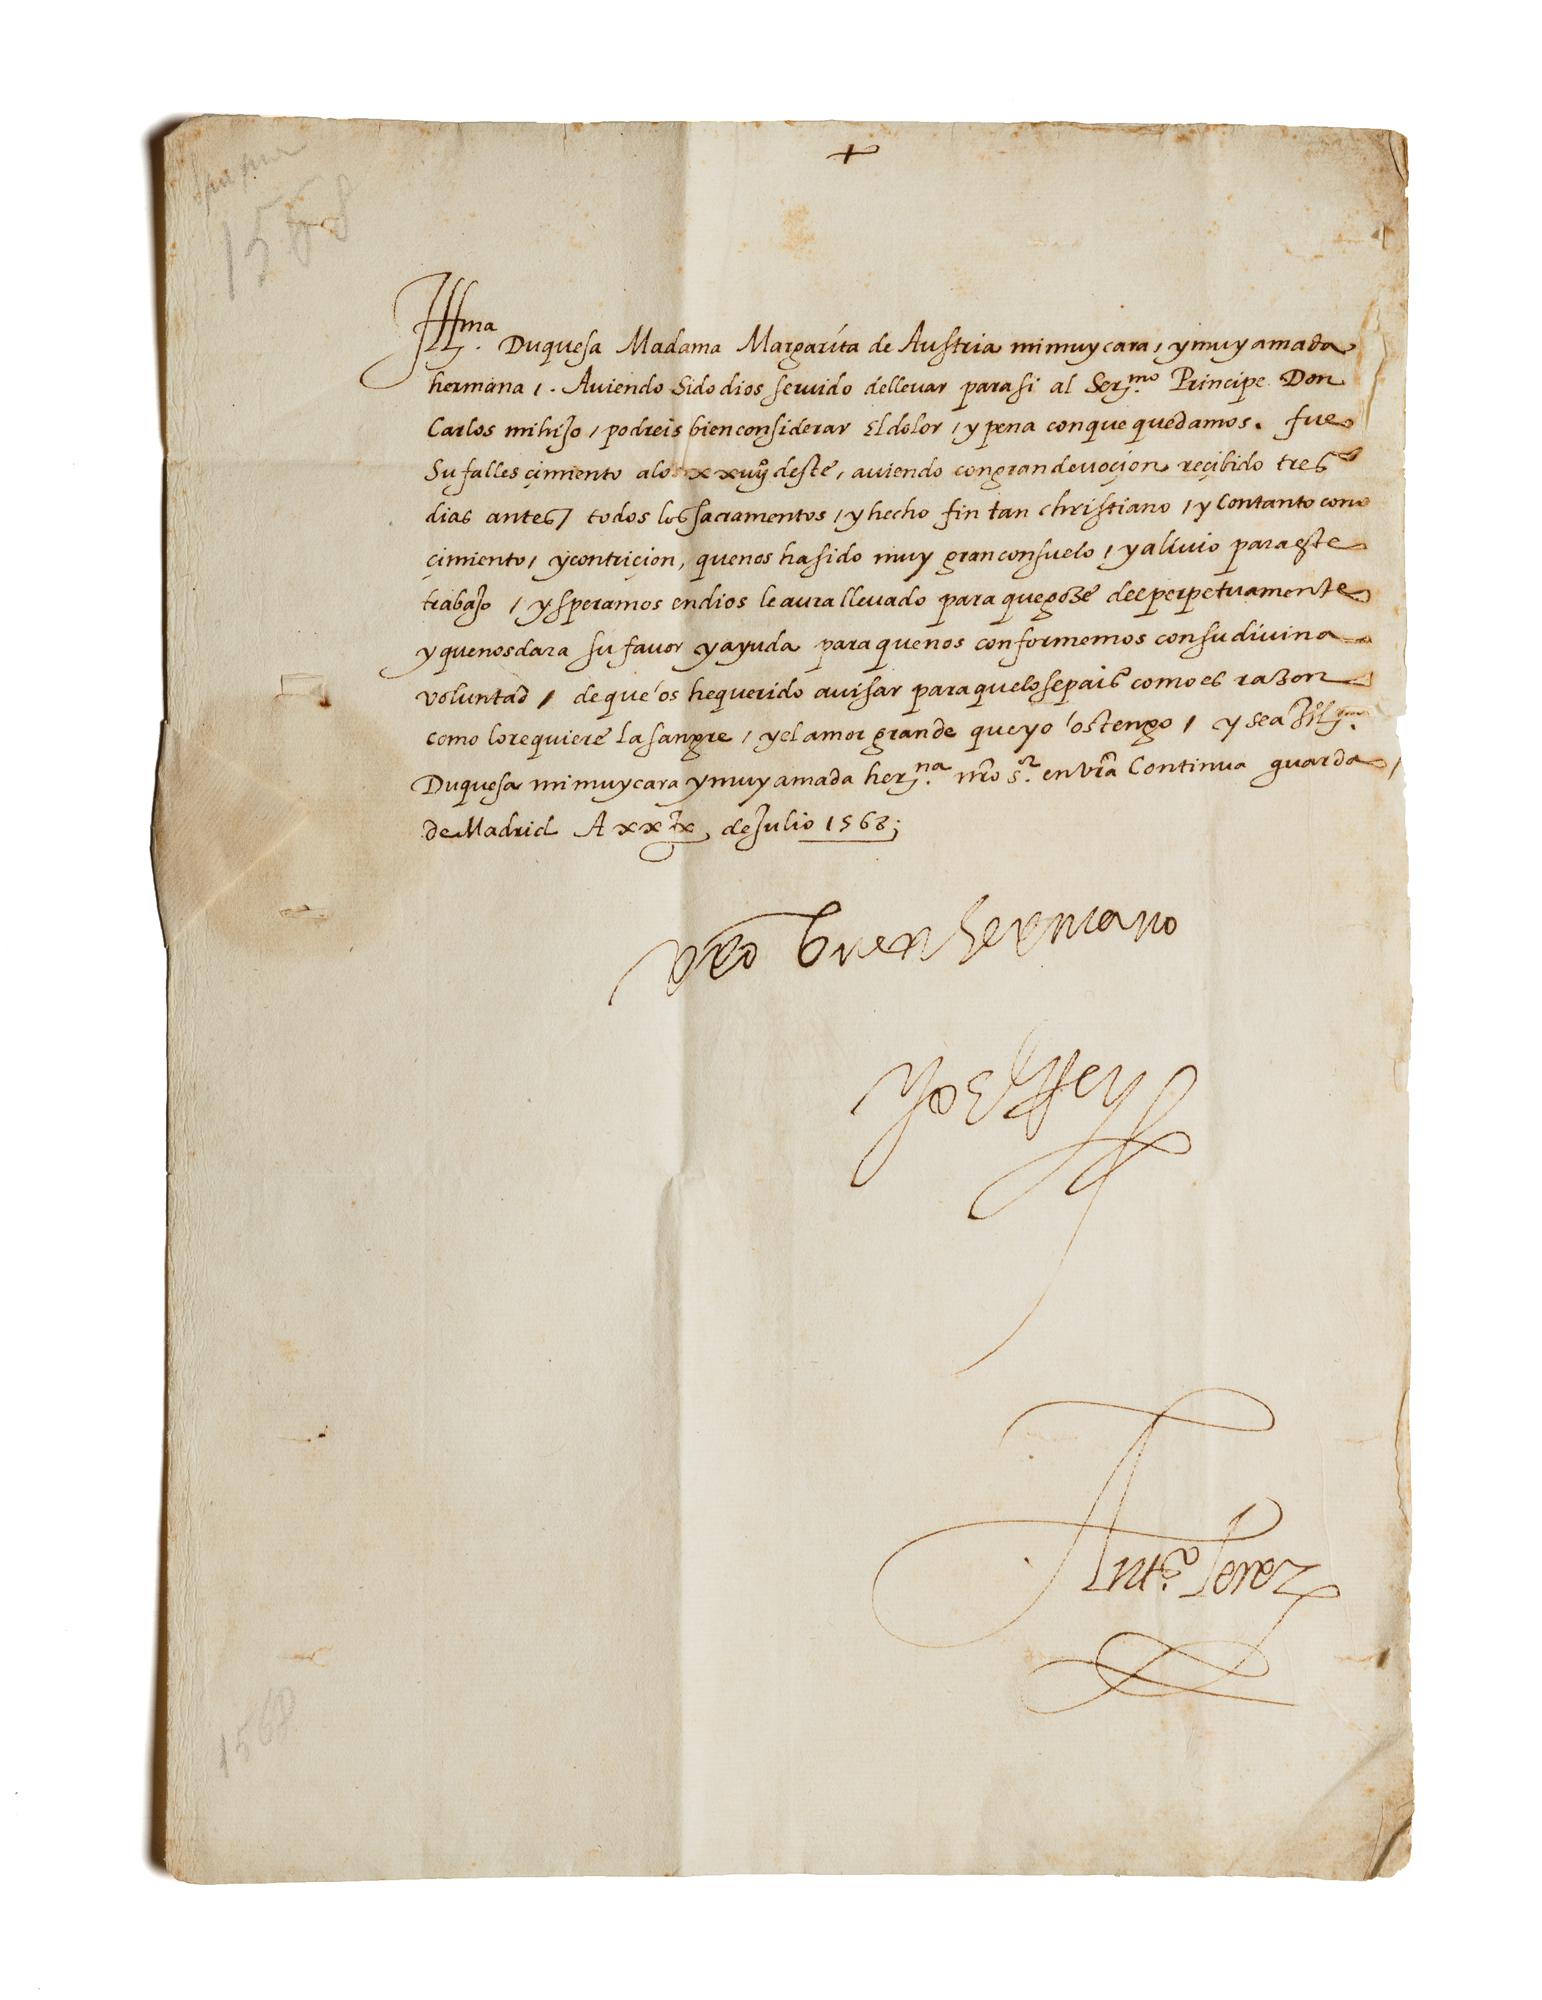 Lettera sottoscritta da Filippo II e altre